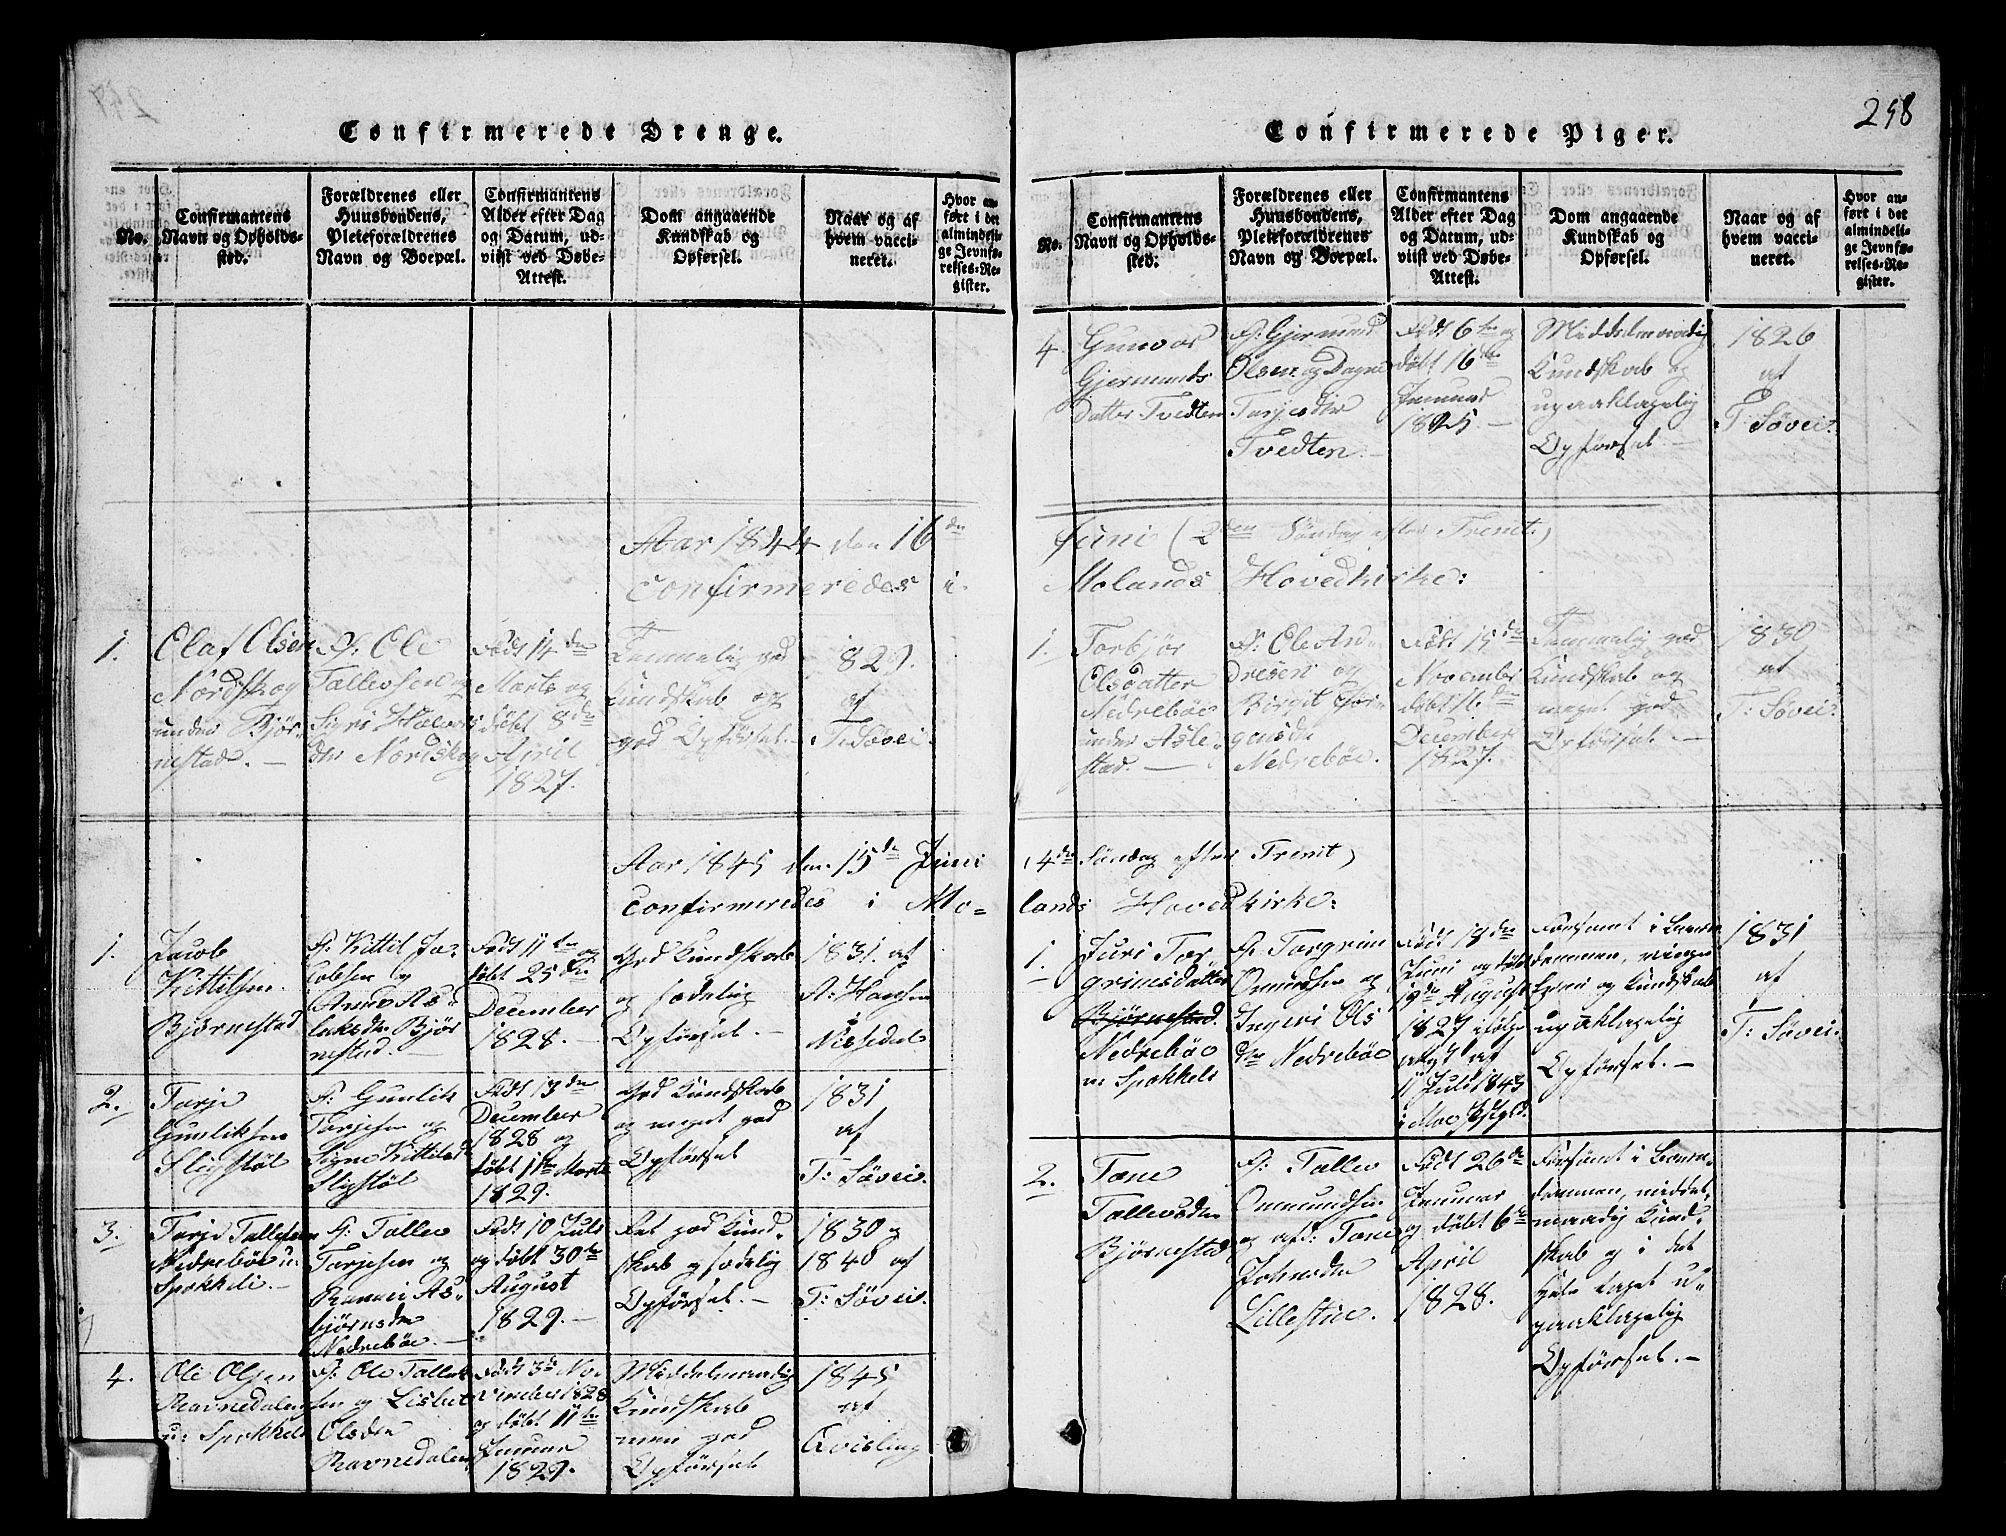 SAKO, Fyresdal kirkebøker, G/Ga/L0003: Klokkerbok nr. I 3, 1815-1863, s. 258